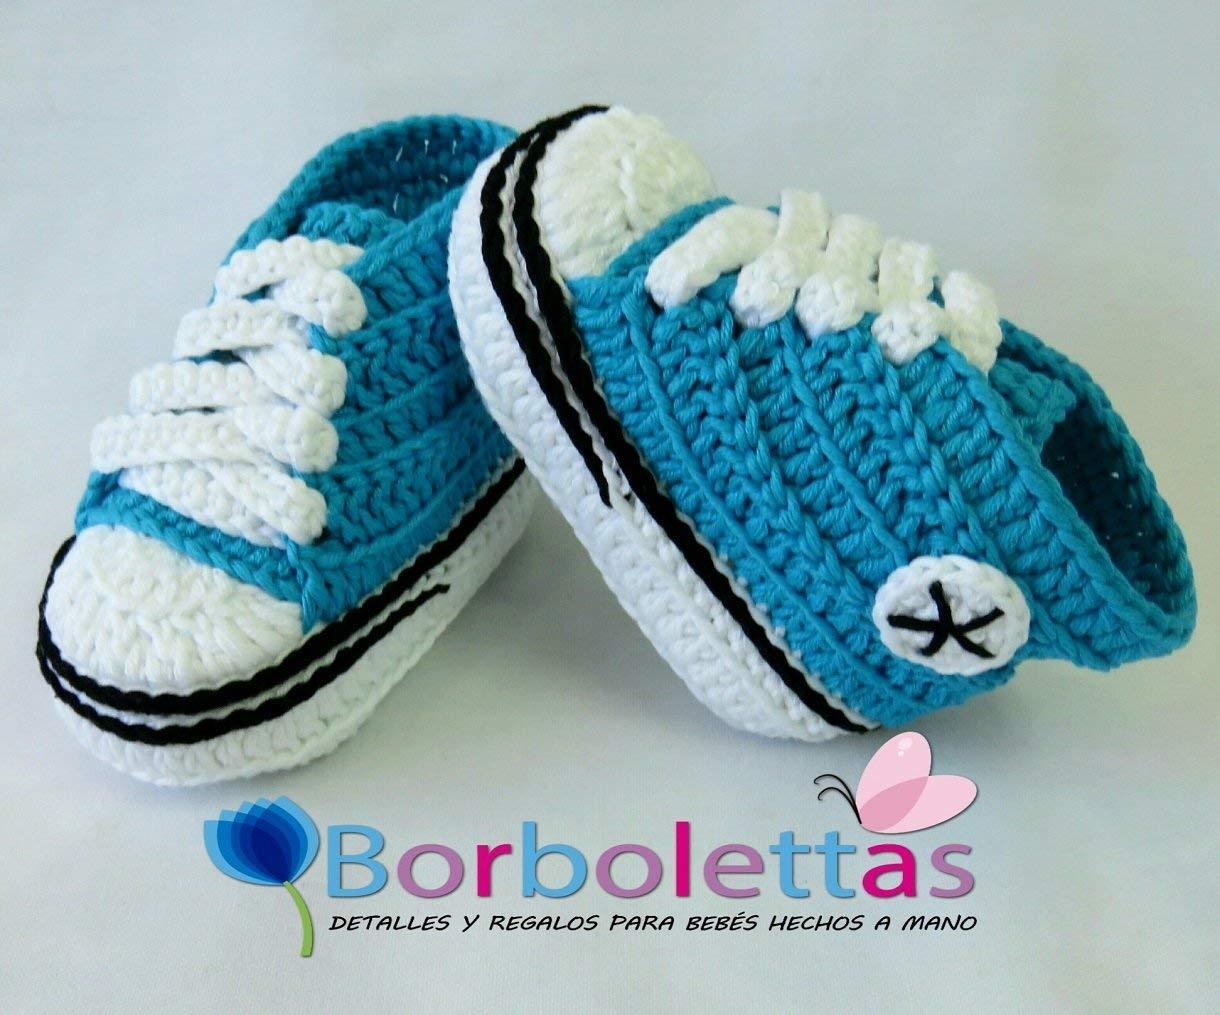 Des Chaussons pour un Bébé, type Converse, Bleu Turquoise, 3-6 mois. Fait à la main. Crochet. España